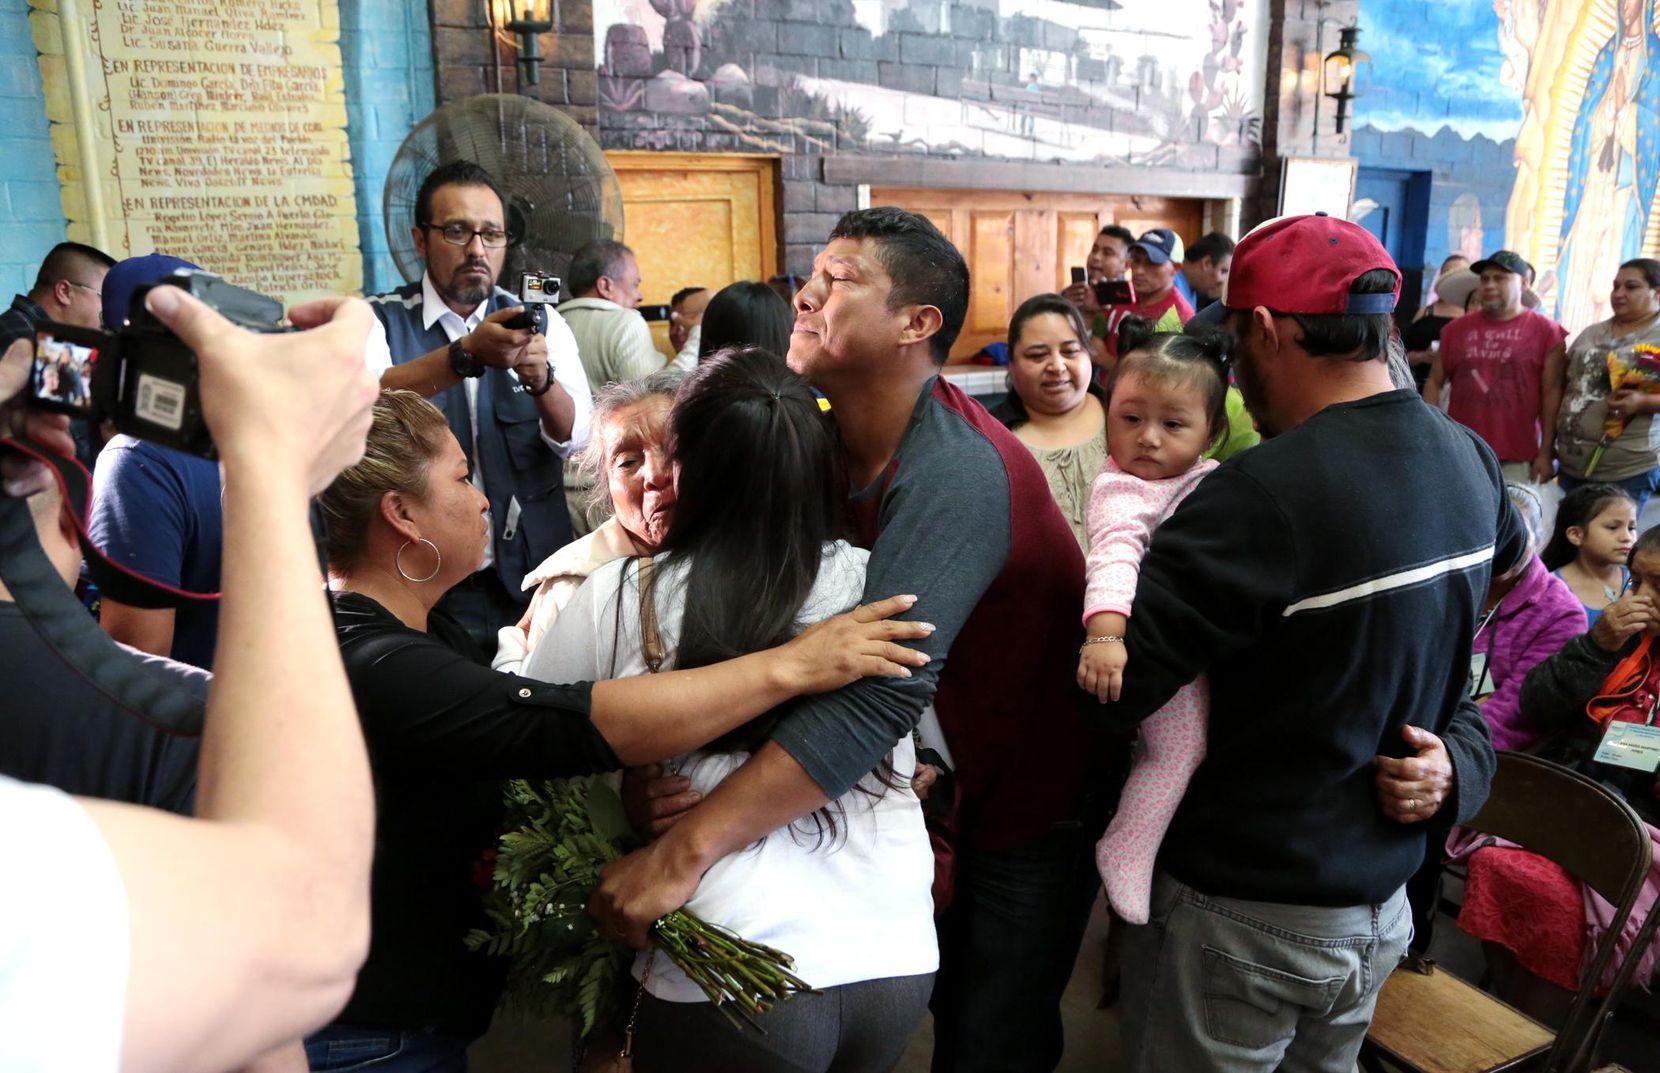 Algunas familias no se habían visto por másde una década. El martes hubo múltiples reuniones familiares en Casa Guanajuato. MARÍA OLIVAS/AL DÍA